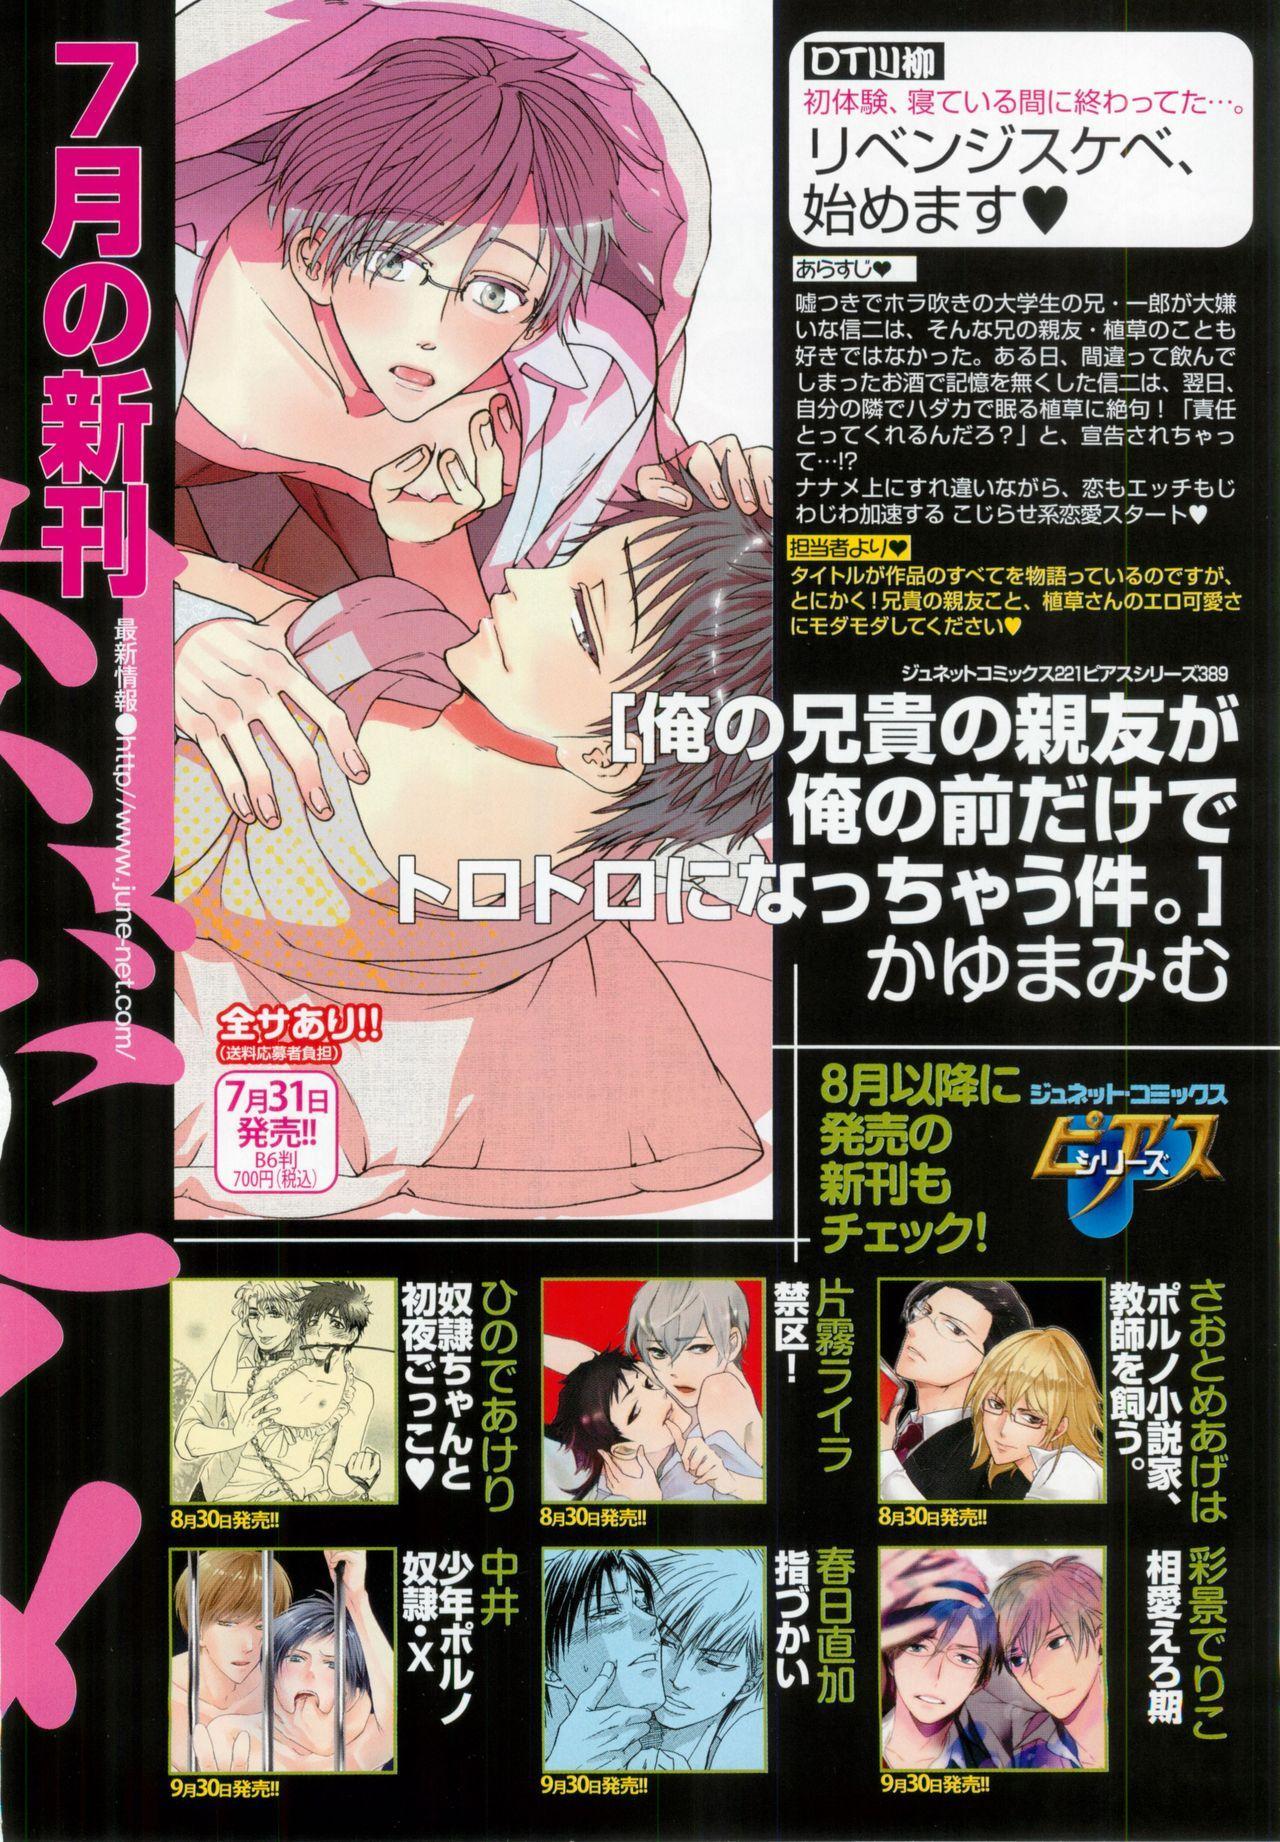 BOY'S ピアス 2014-09 235